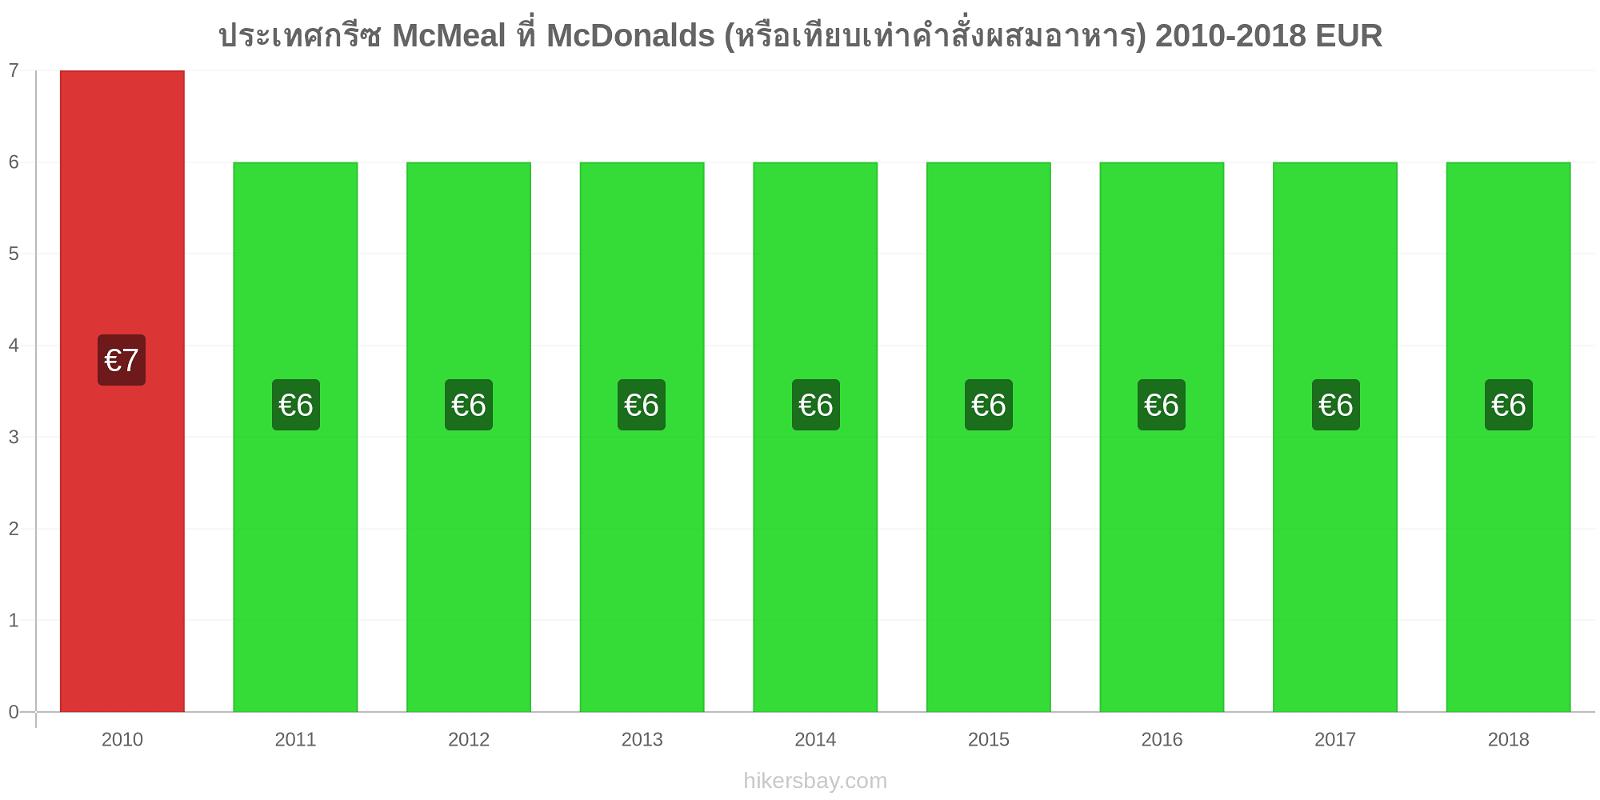 ประเทศกรีซ การเปลี่ยนแปลงราคา McMeal ที่ McDonalds (หรือเทียบเท่าคำสั่งผสมอาหาร) hikersbay.com